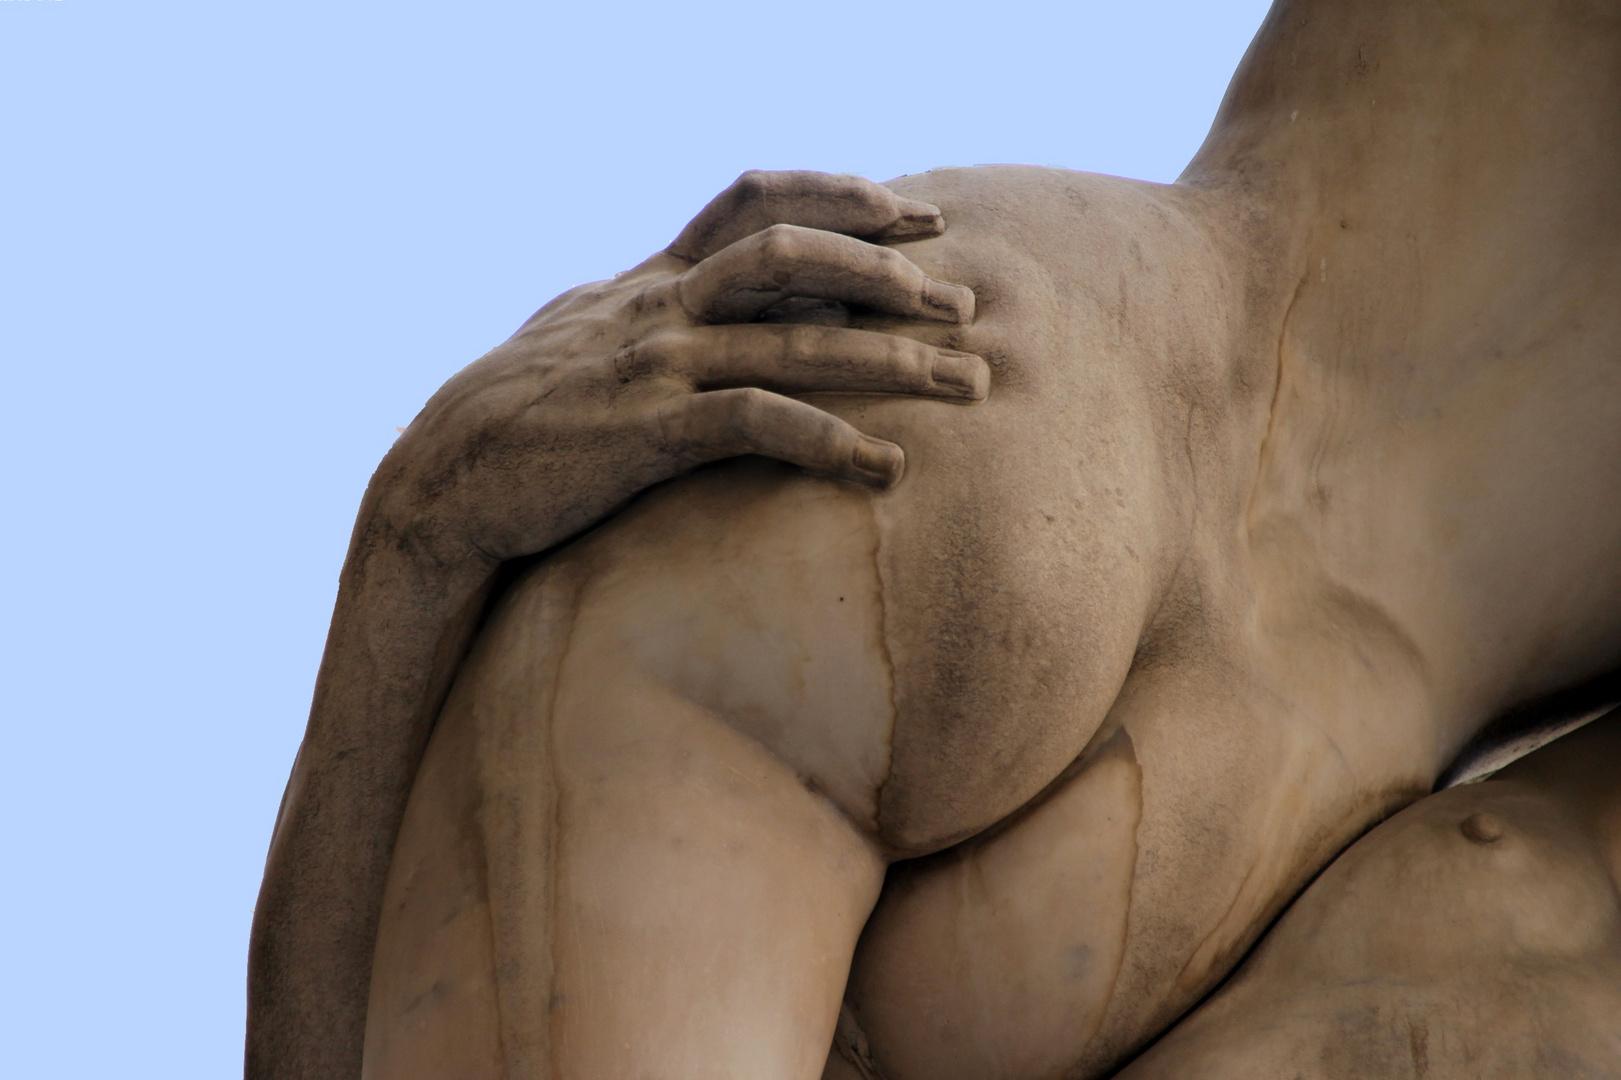 la main aux fesses en sculpture !